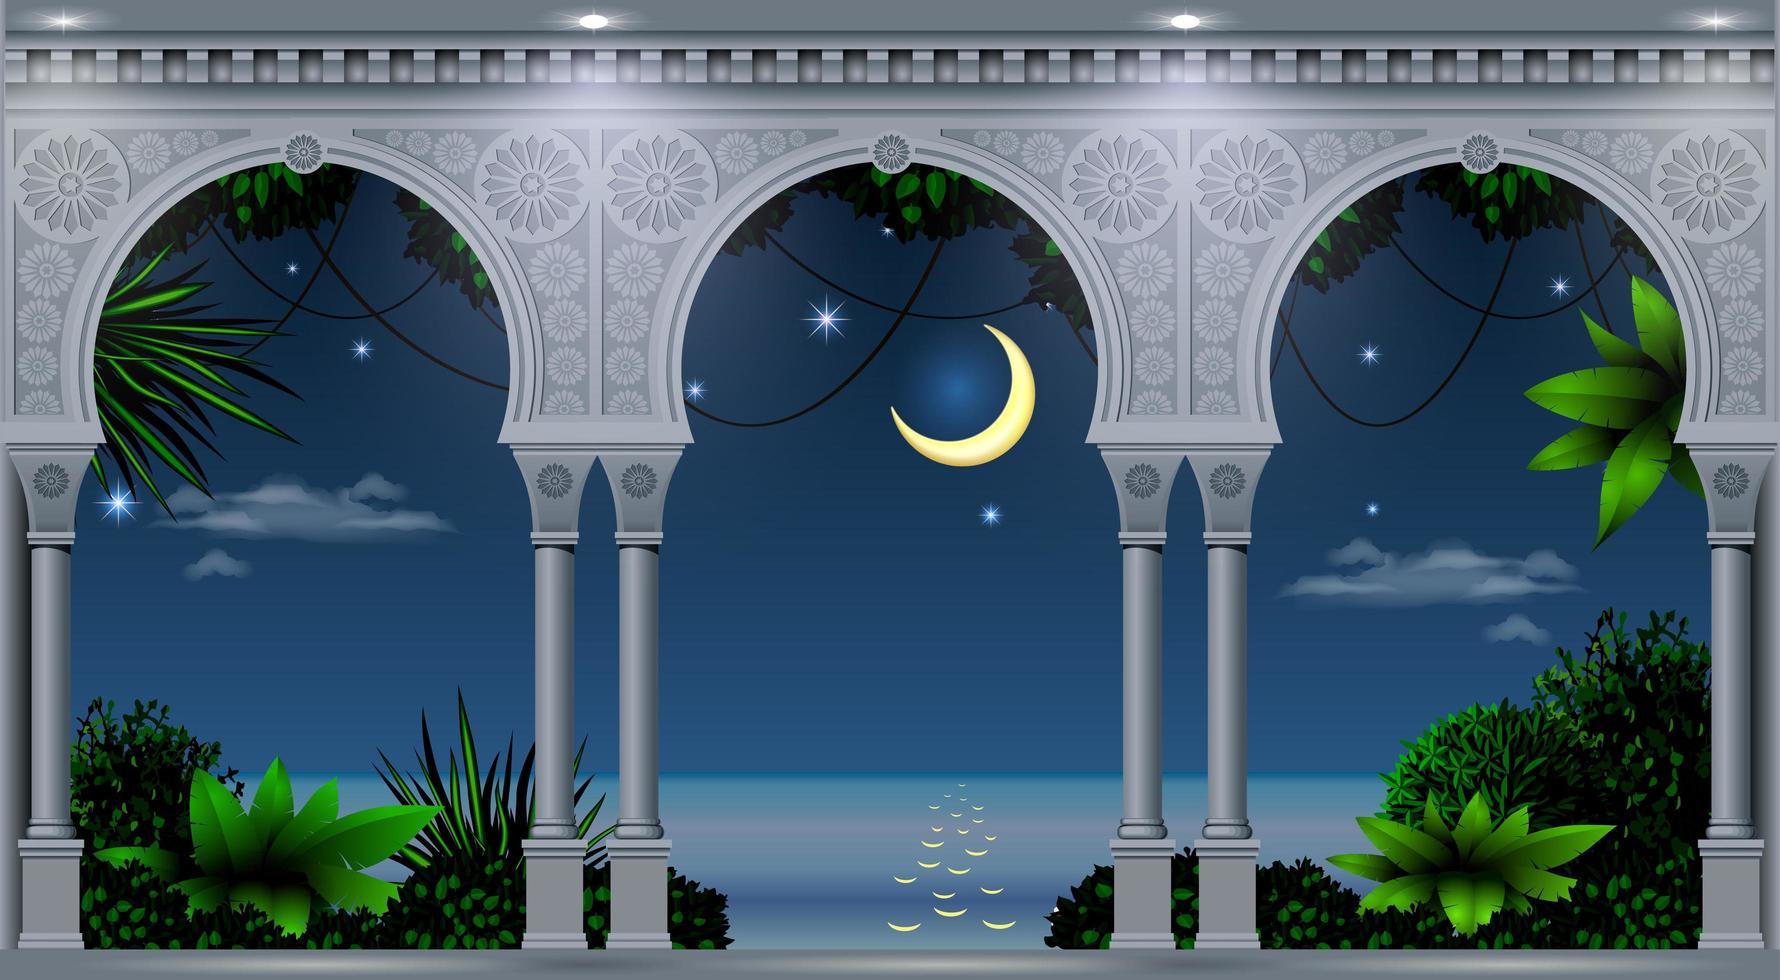 tropische nacht uitzicht vanaf balkon van een paleis vector